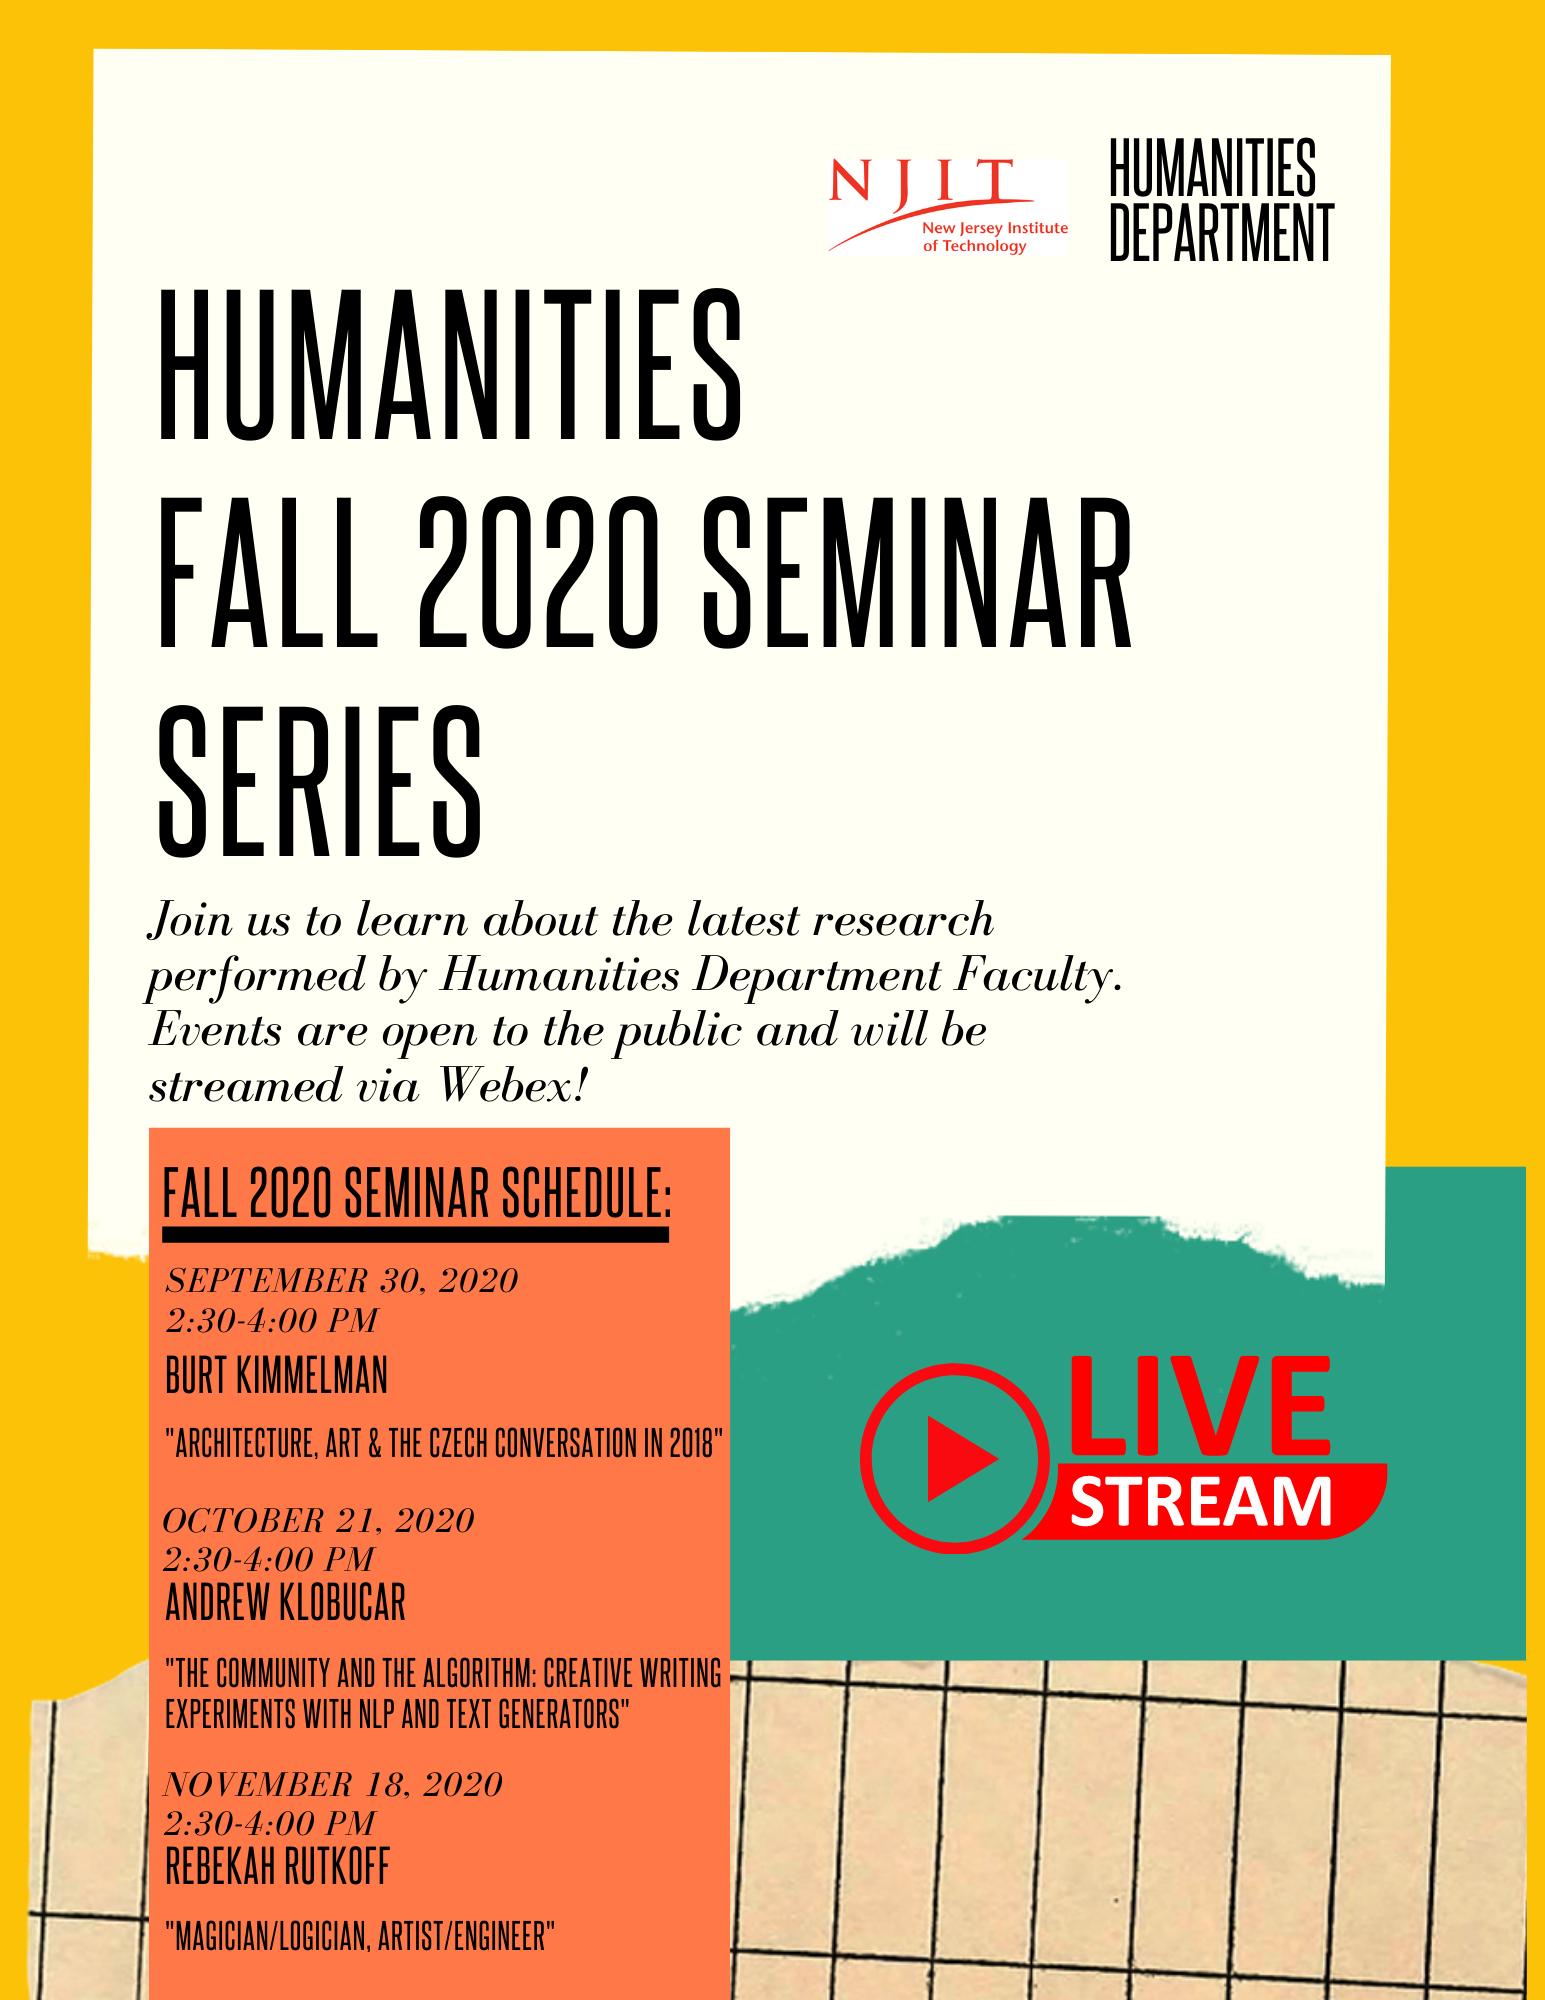 FALL 2020 Seminar Series